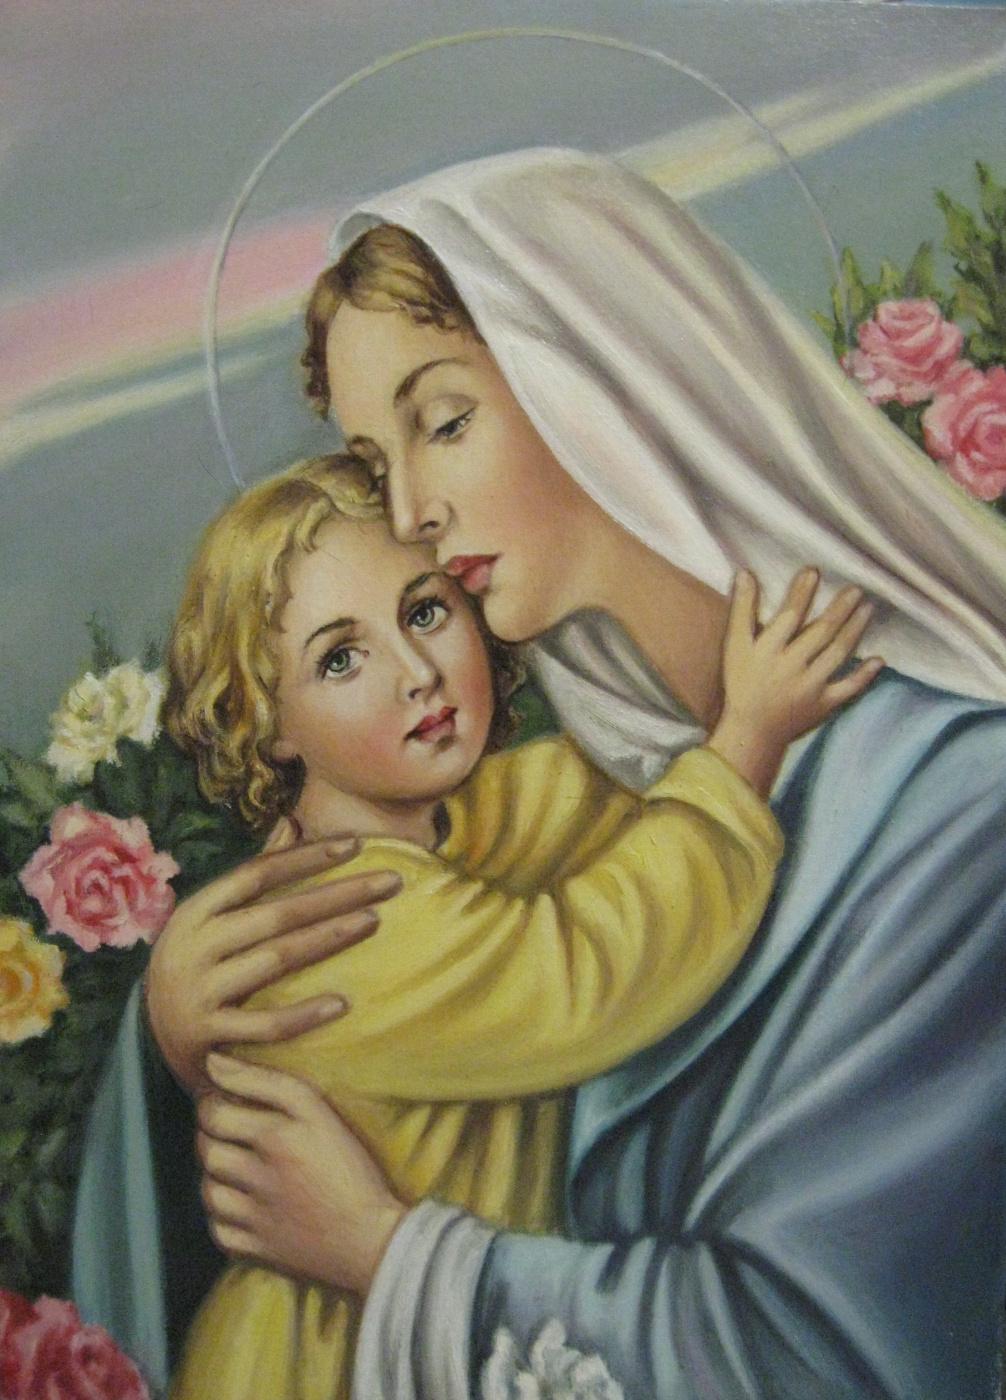 Ядвига Сенько. Virgin Mary with Jesus